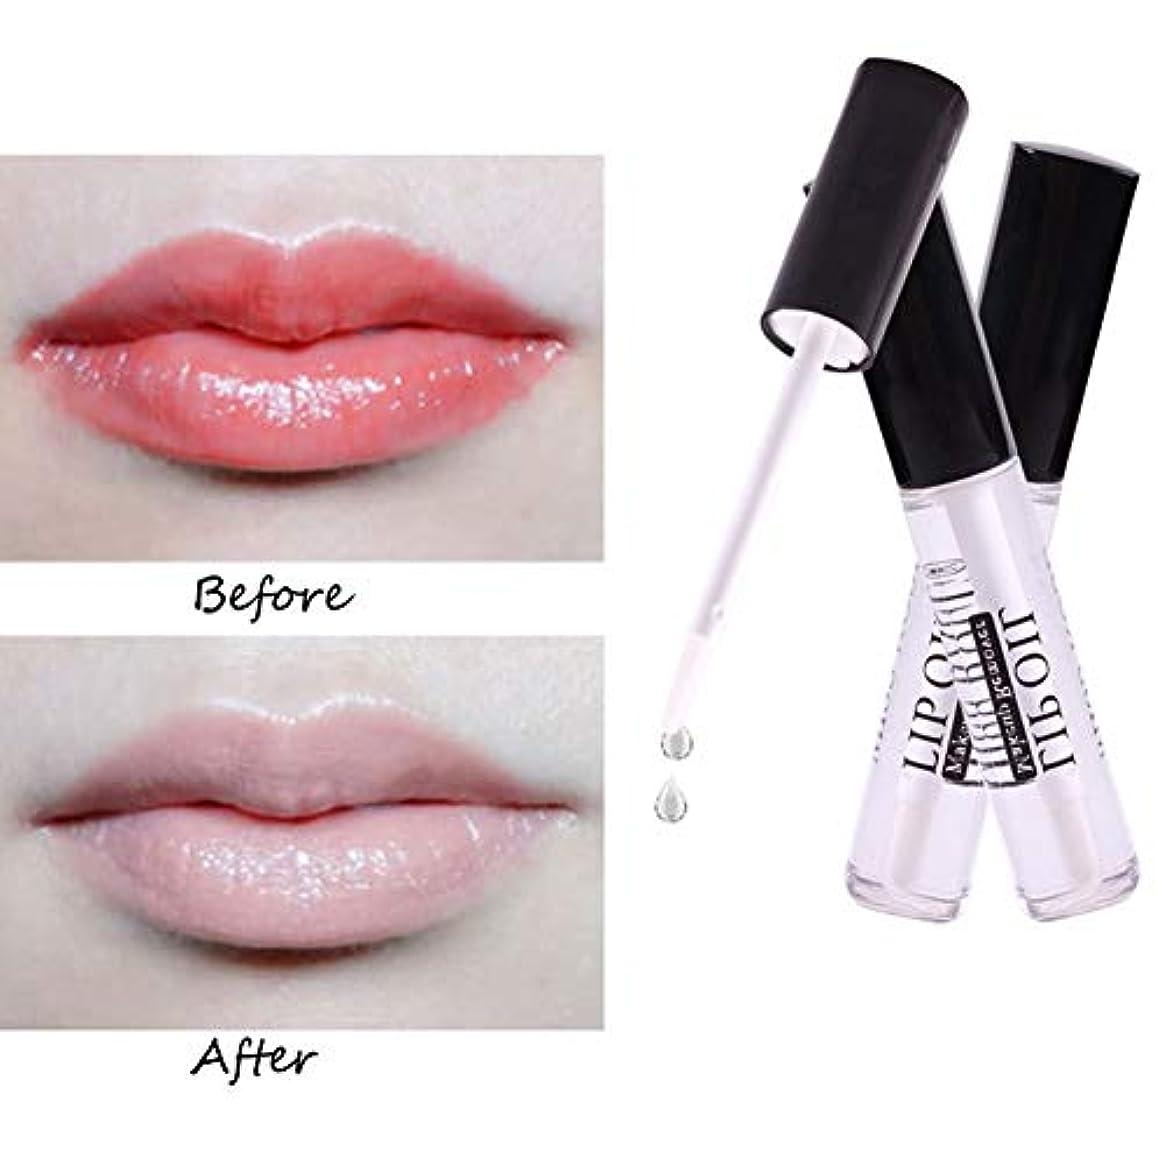 薬局厚くするまとめるACHICOO クレンジングオイル リップグロス·リップスティック·口紅専用 唇 保湿 健康 プロ化粧